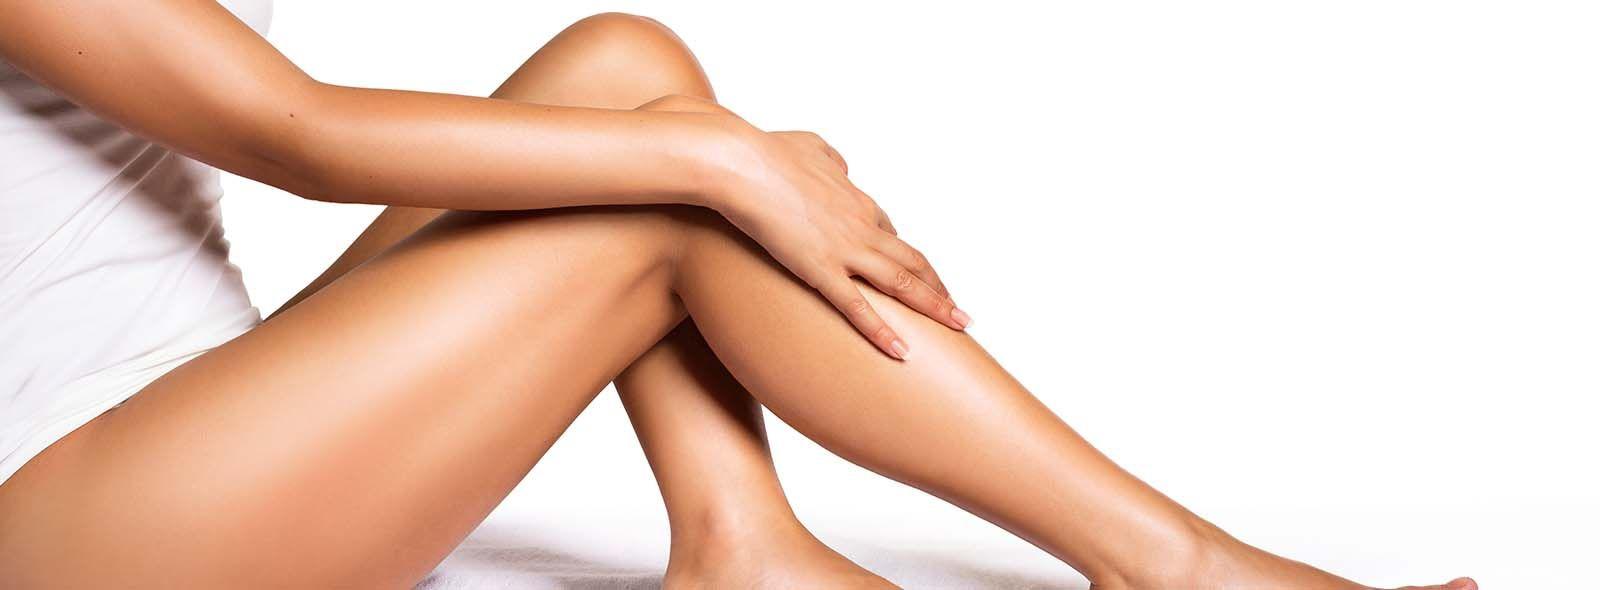 Cosa fare se compaiono macchiette bianche sulle gambe